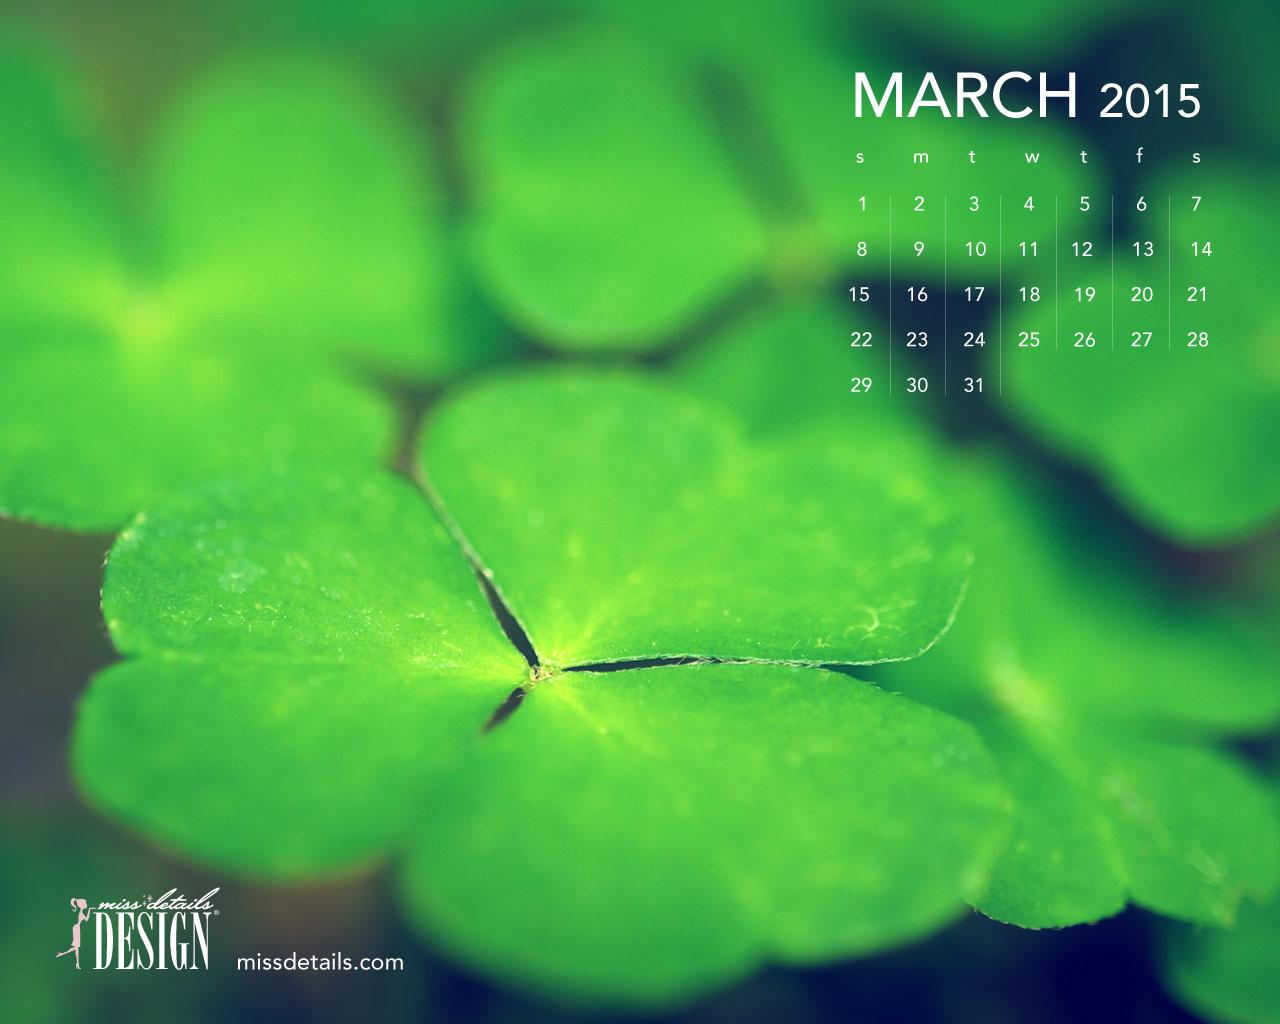 March 2015 desktop calendar wallpaper 1280x1024